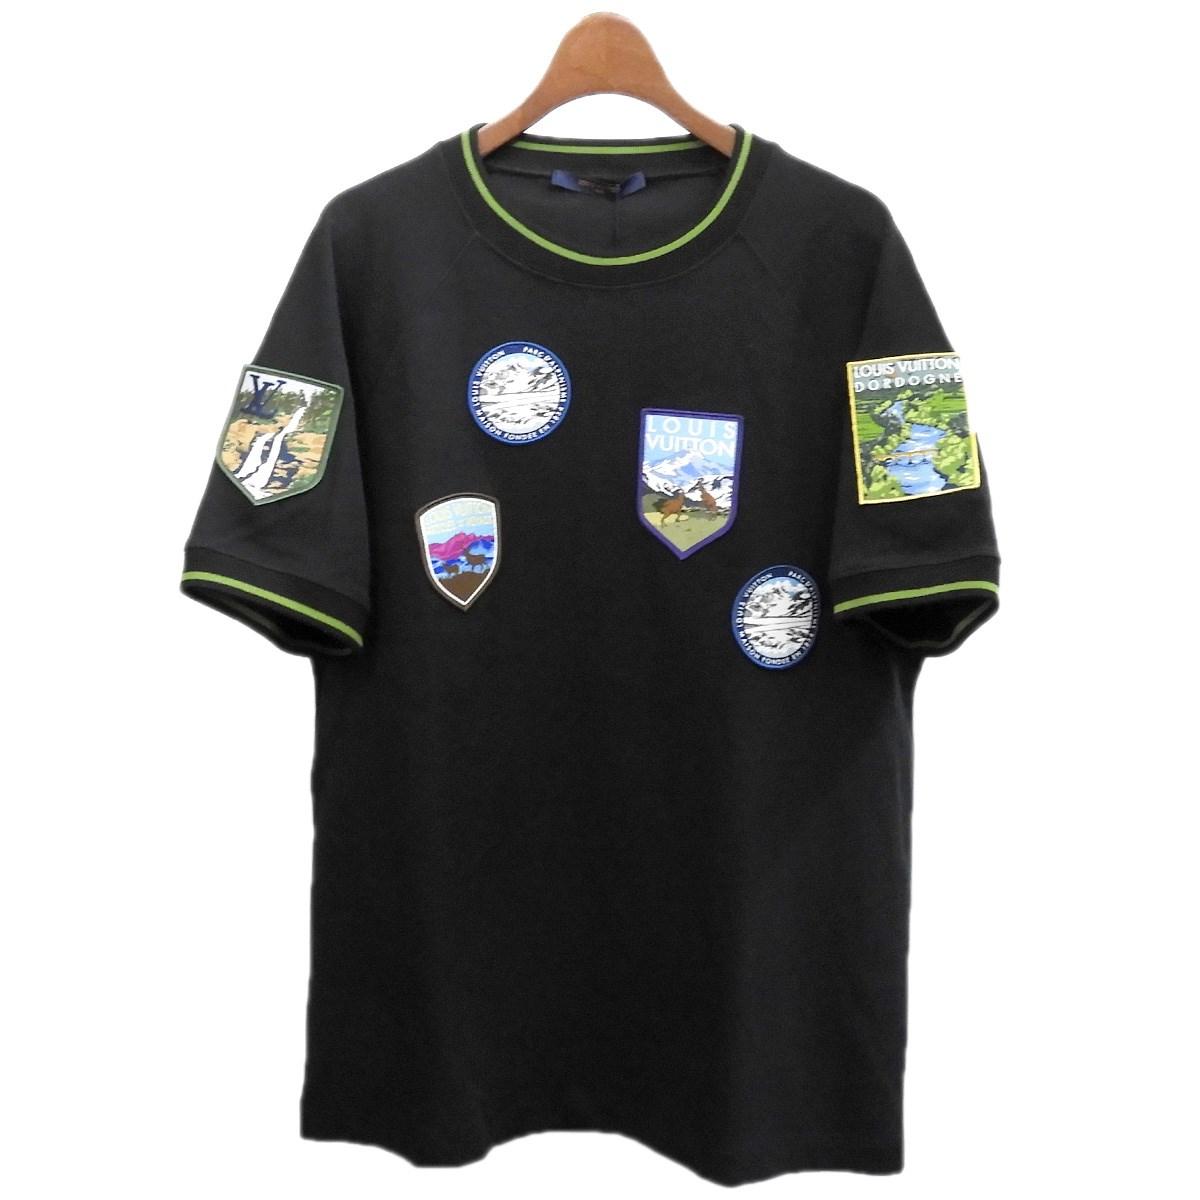 ルイヴィトン 【中古】LOUIS VUITTON ワッペンTシャツ ブラック サイズ:M 【011219】(ルイヴィトン)